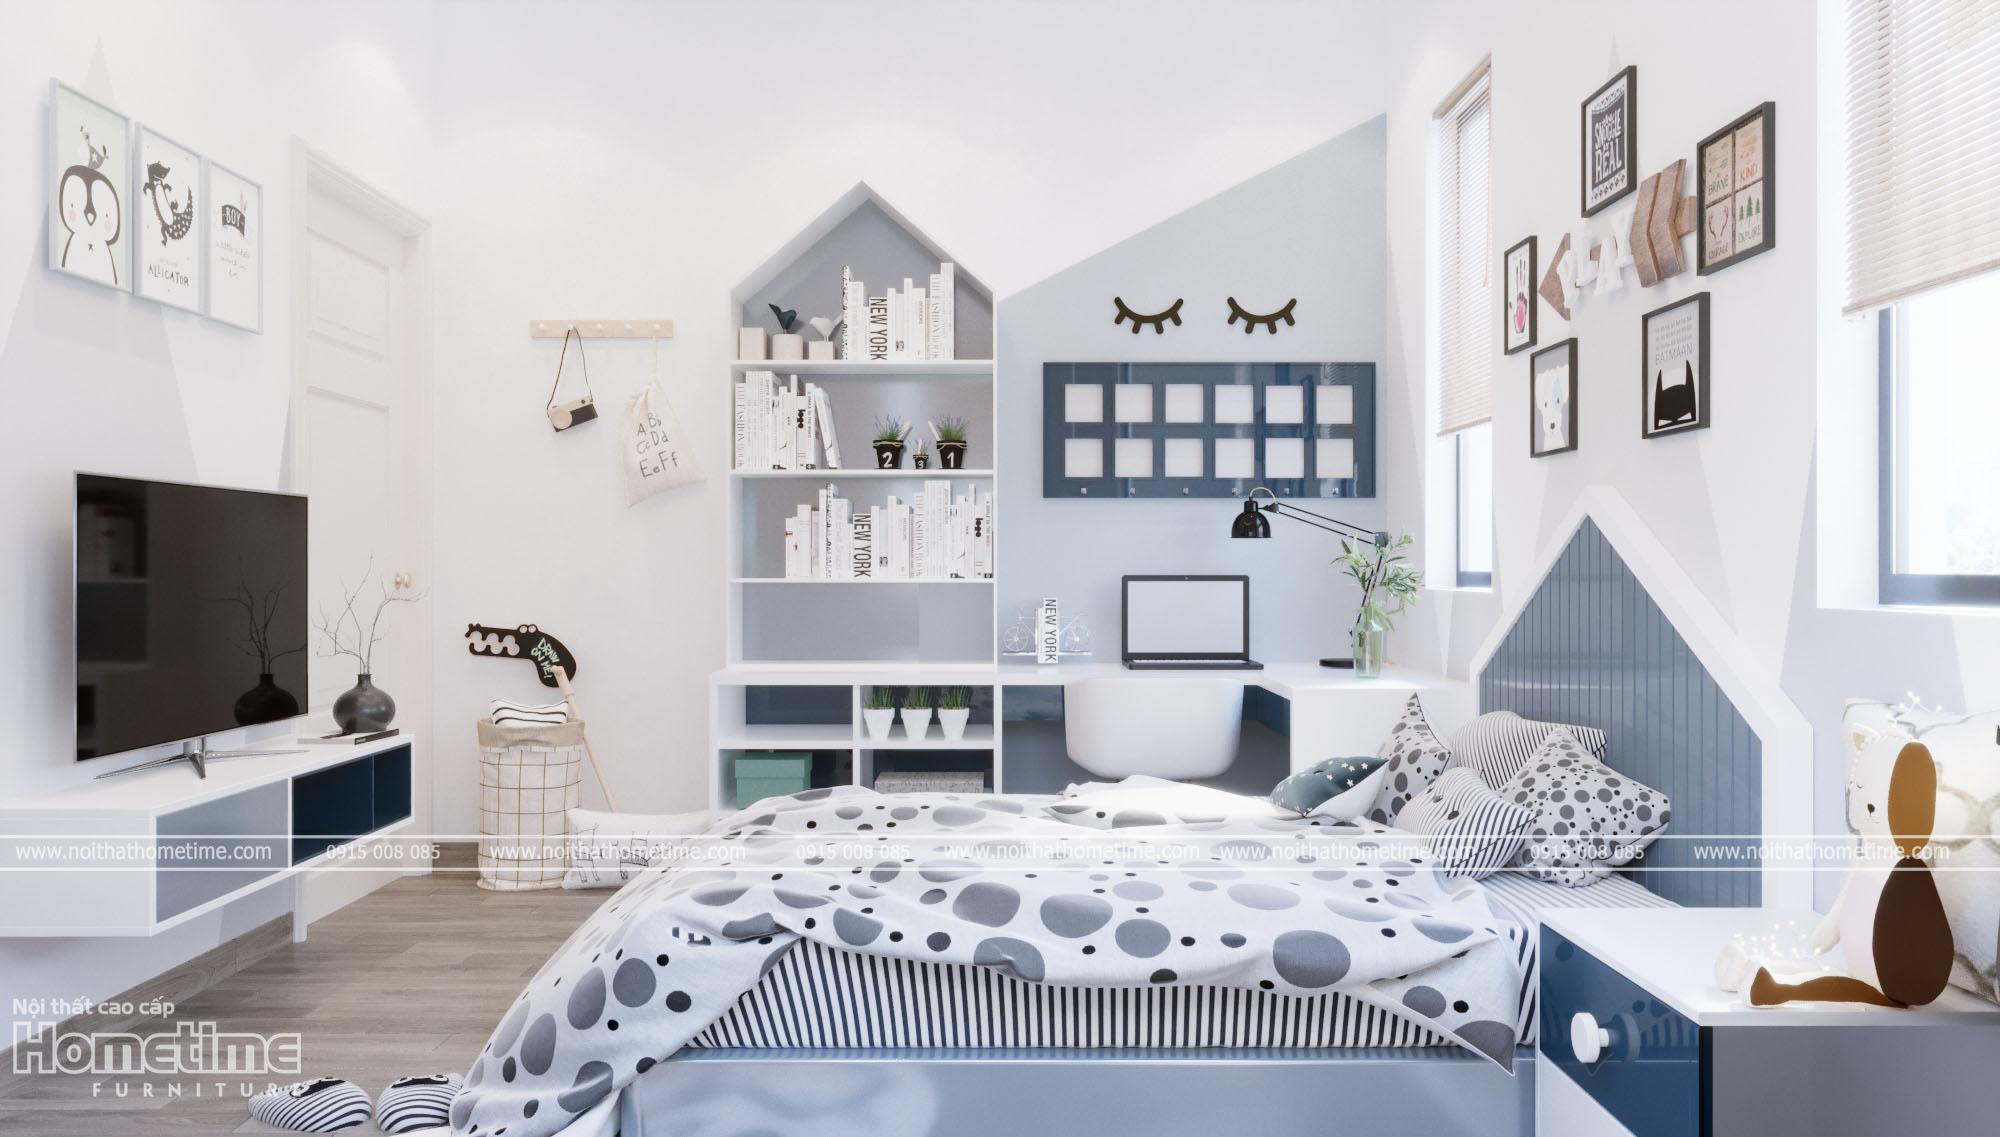 Thiết kế nội thất phòng ngủ - Góc học tập của bé trai